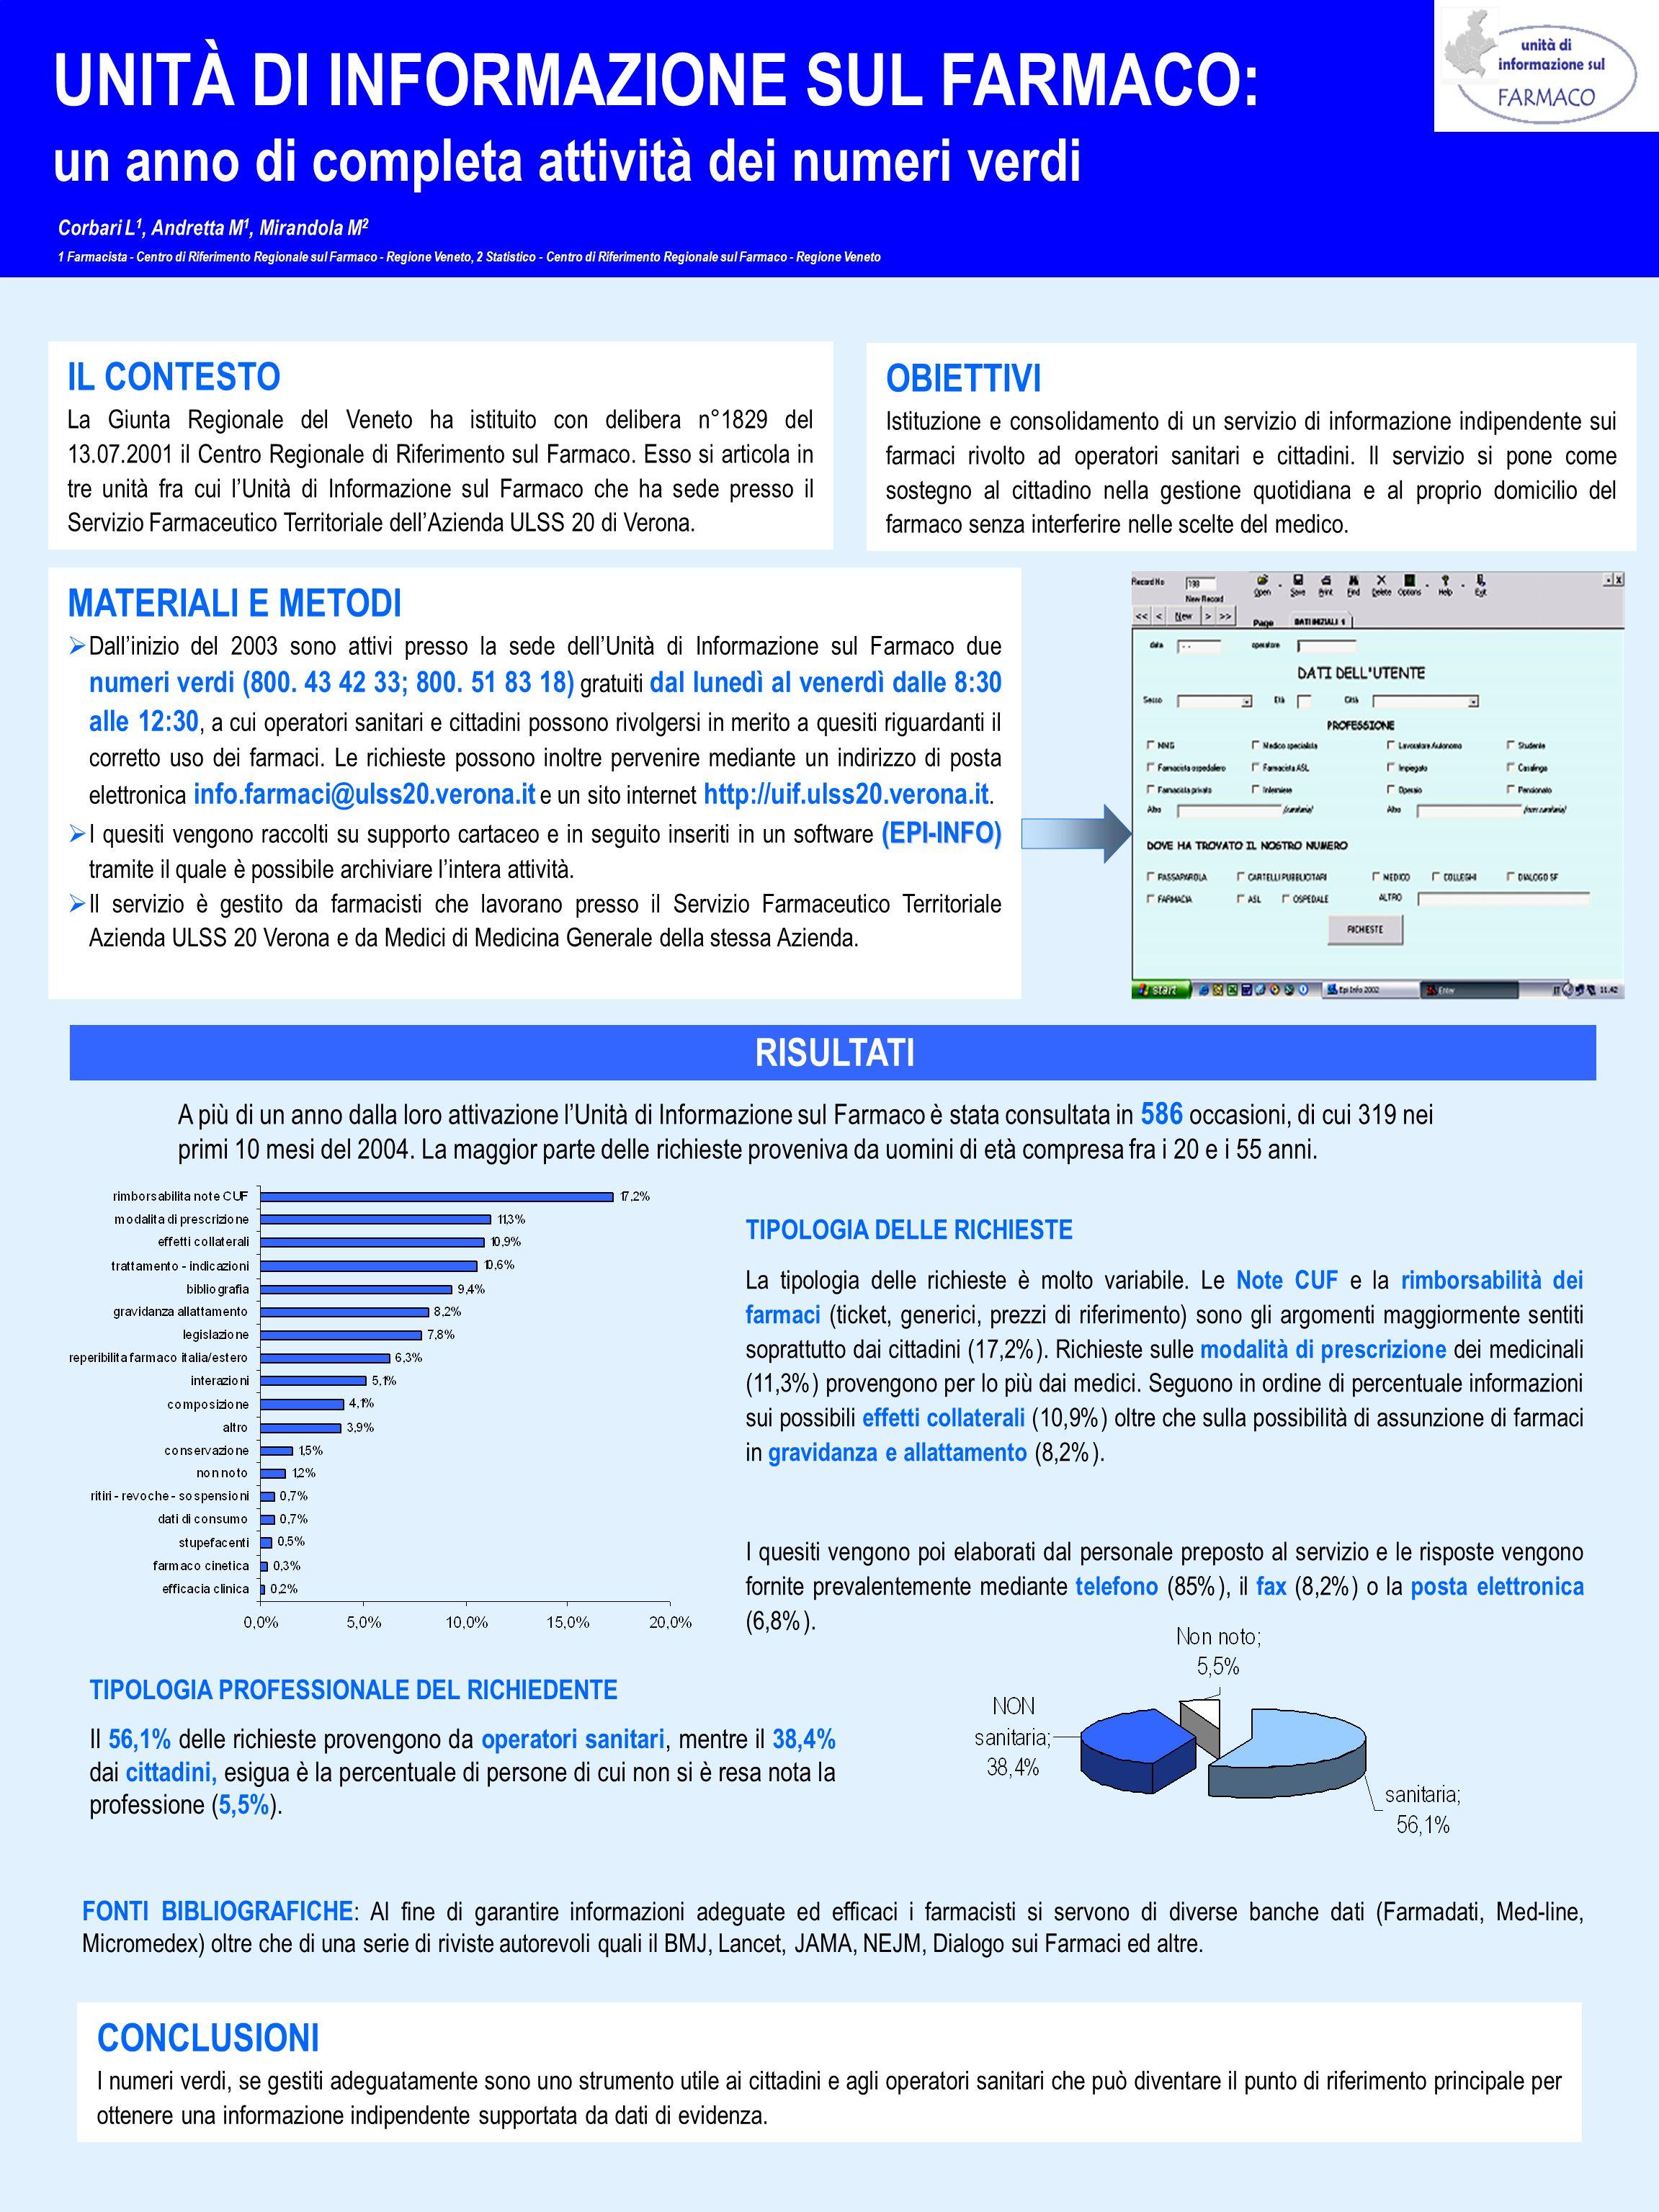 IL CONTESTO La Giunta Regionale del Veneto ha istituito con delibera n°1829 del 13.07.2001 il Centro Regionale di Riferimento sul Farmaco.